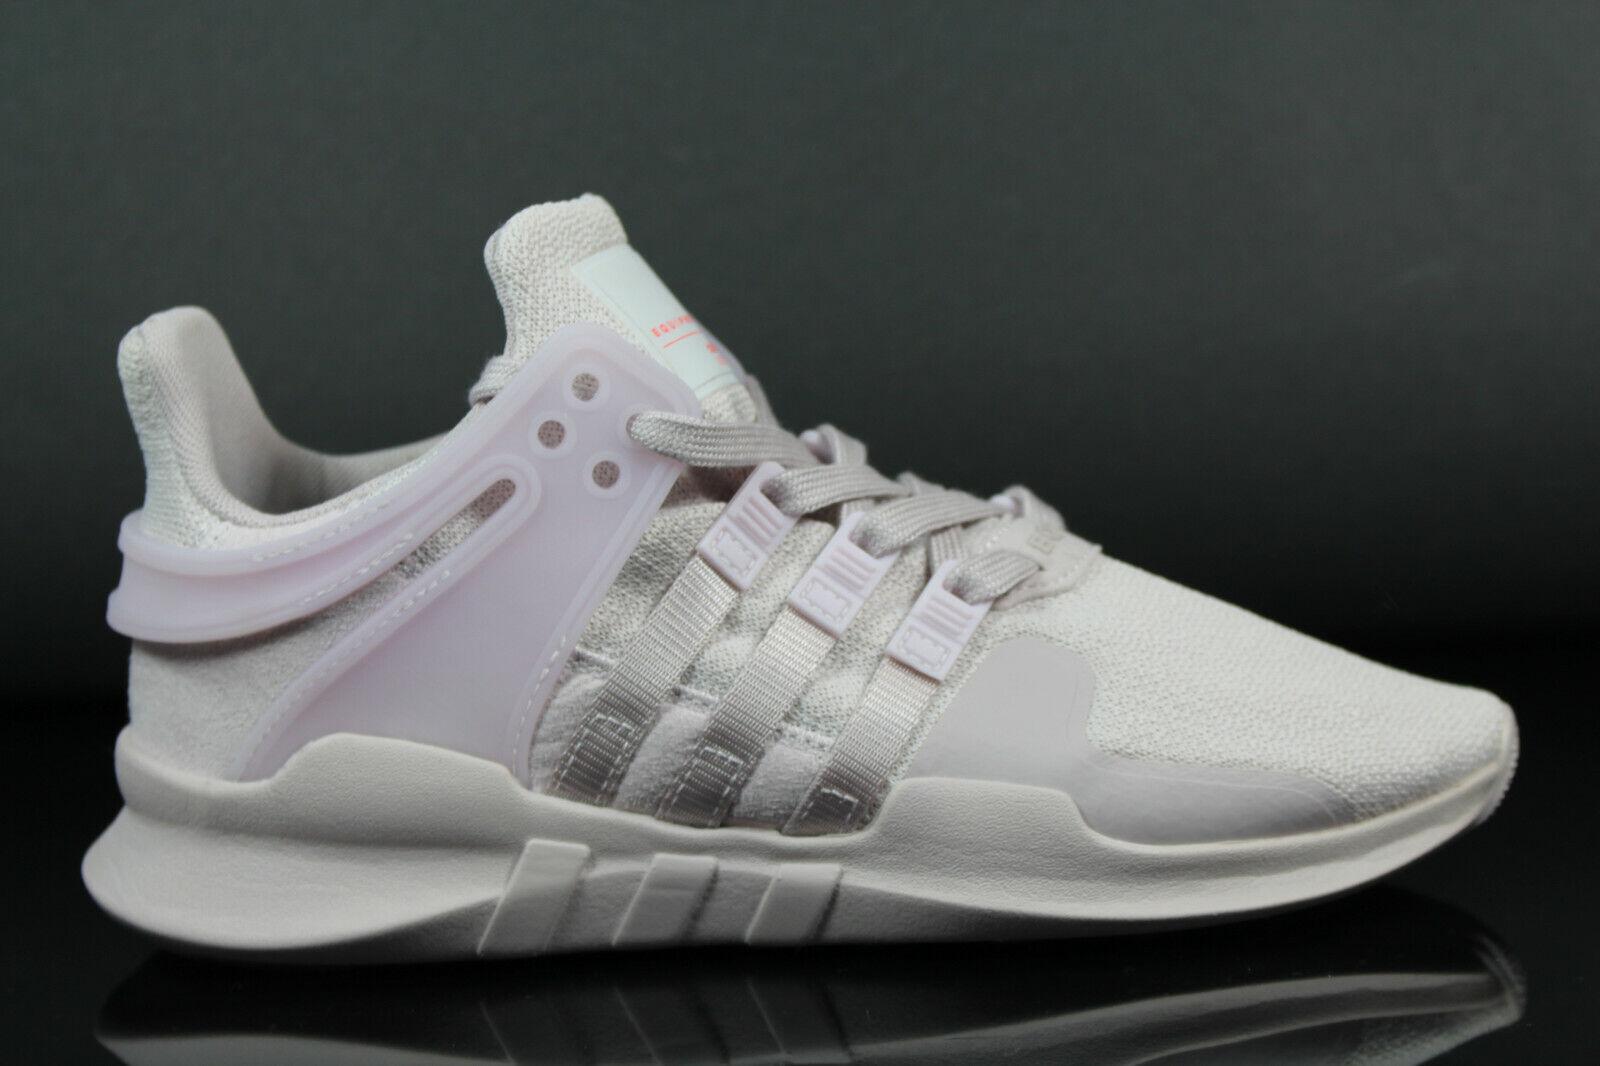 100% Qualität Der Neuen Art Produkt Von Adidas Herren Schuhe